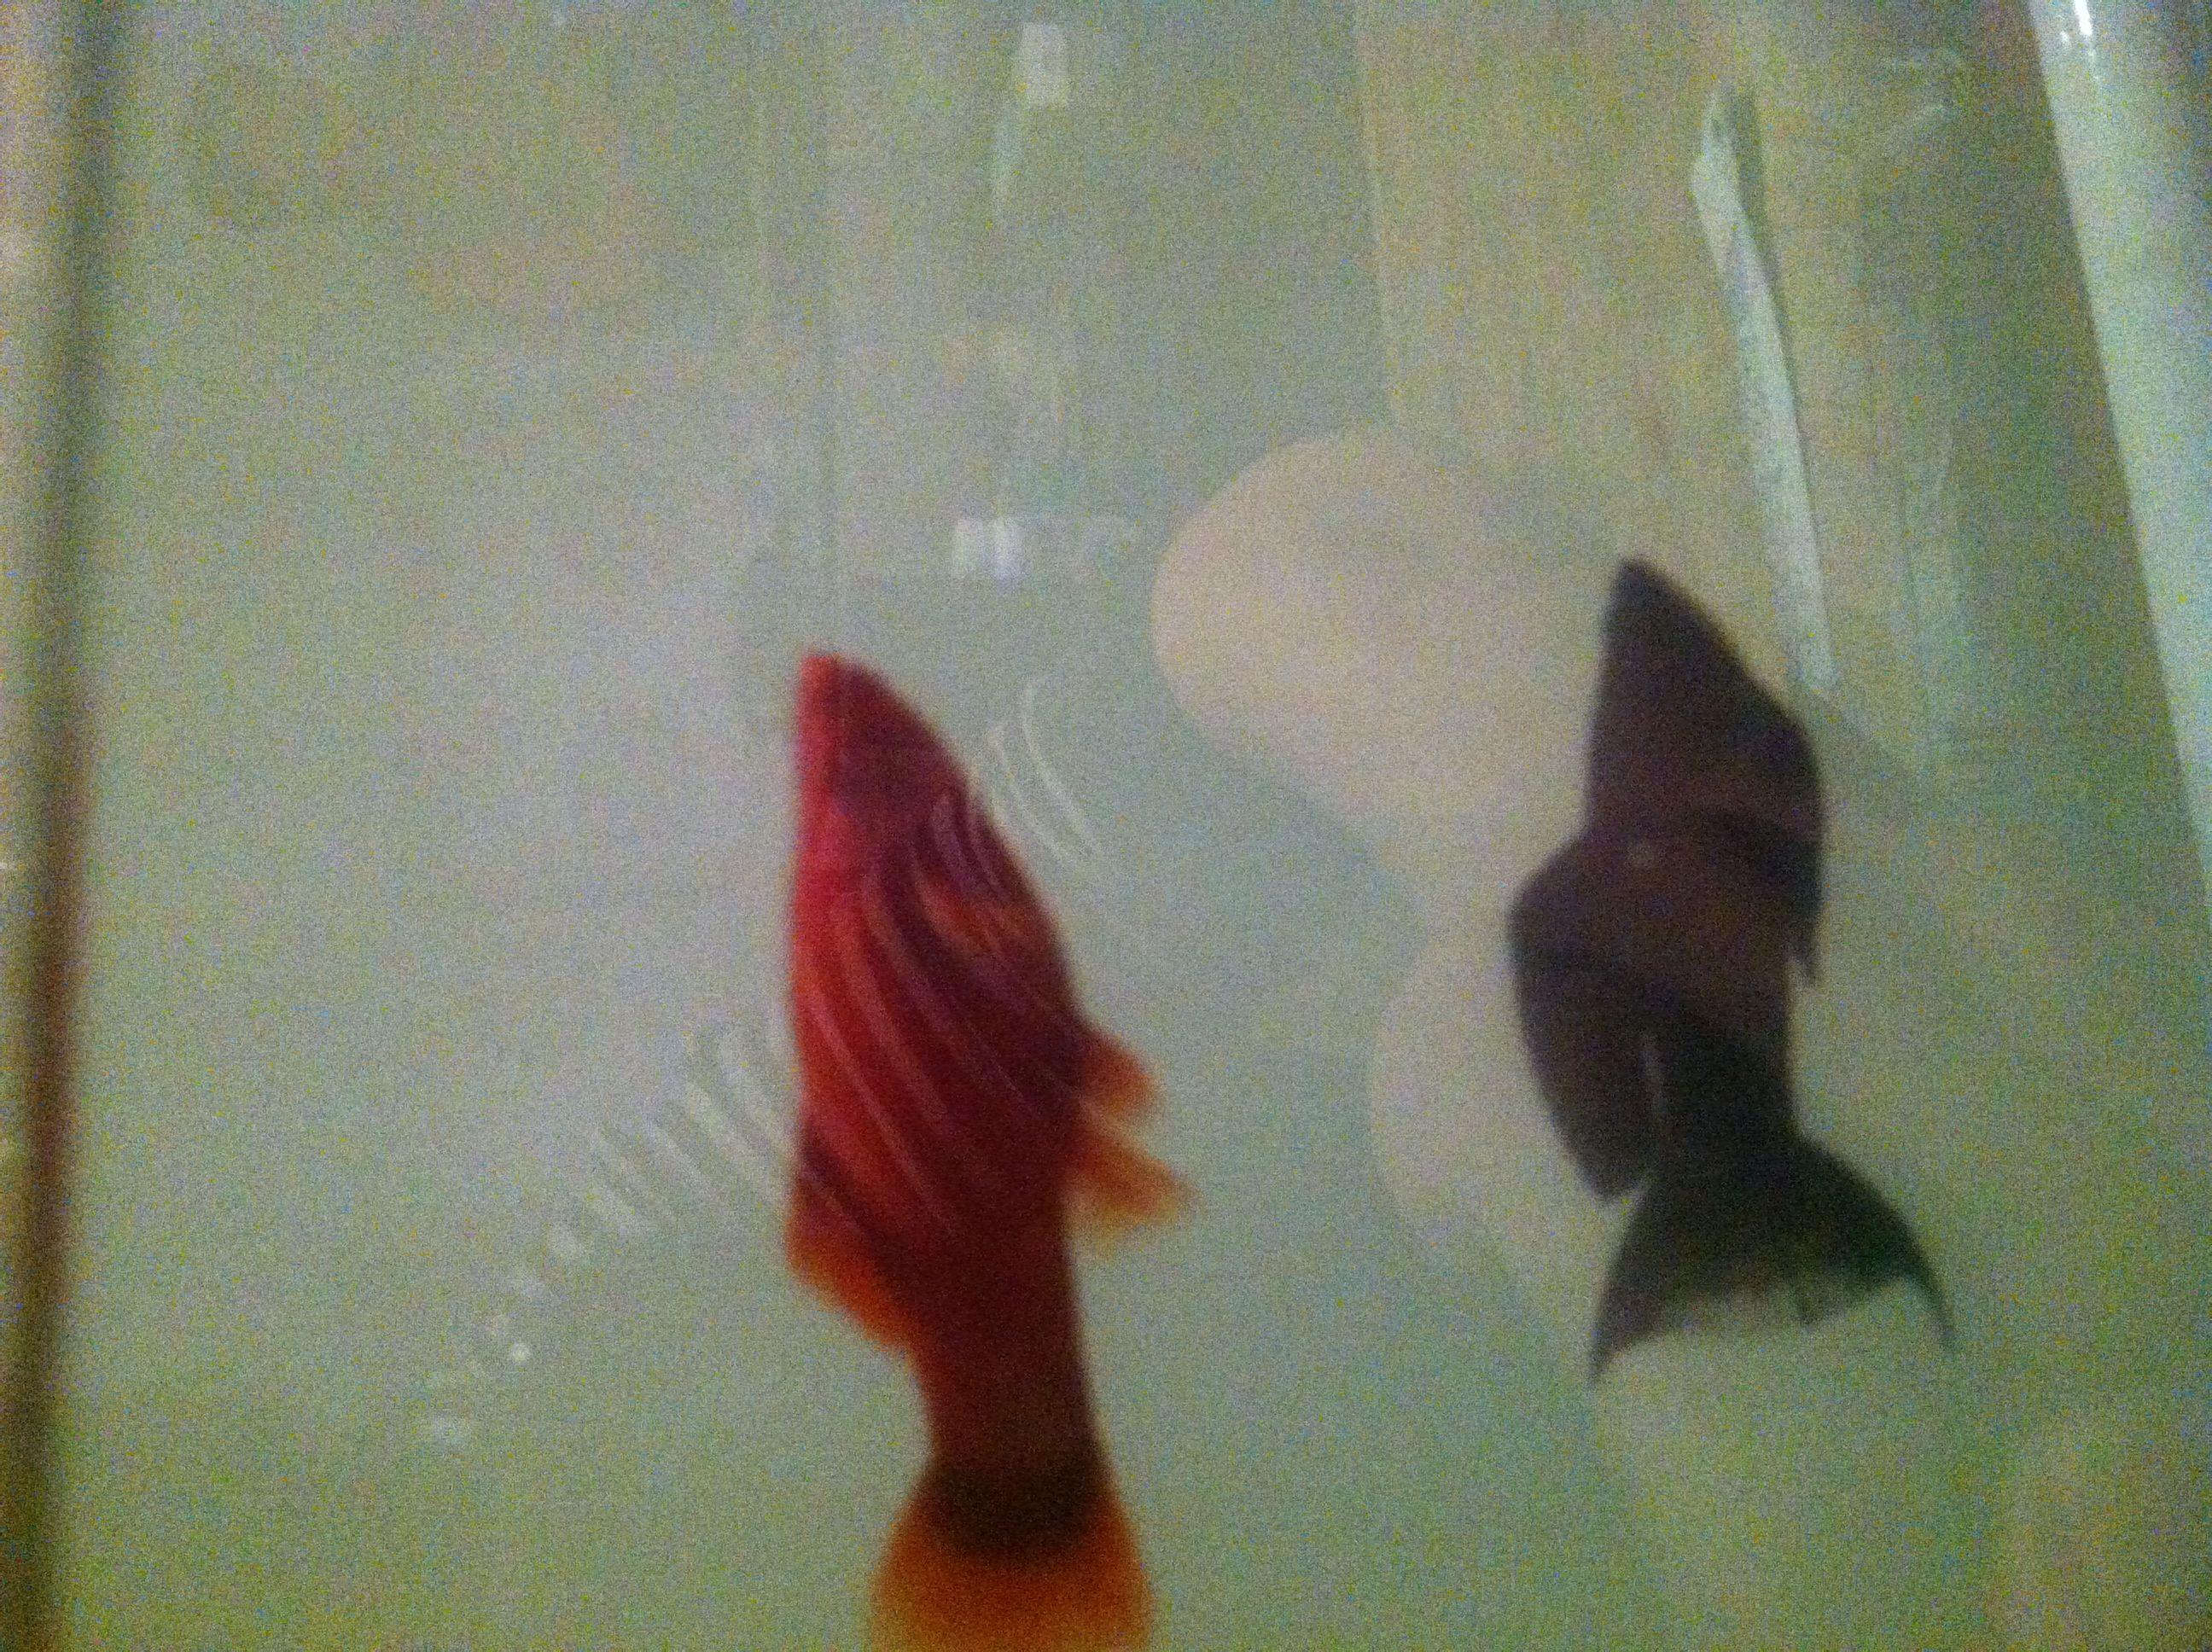 红箭鱼下崽 红箭鱼多长时间下崽 红箭鱼下崽前兆